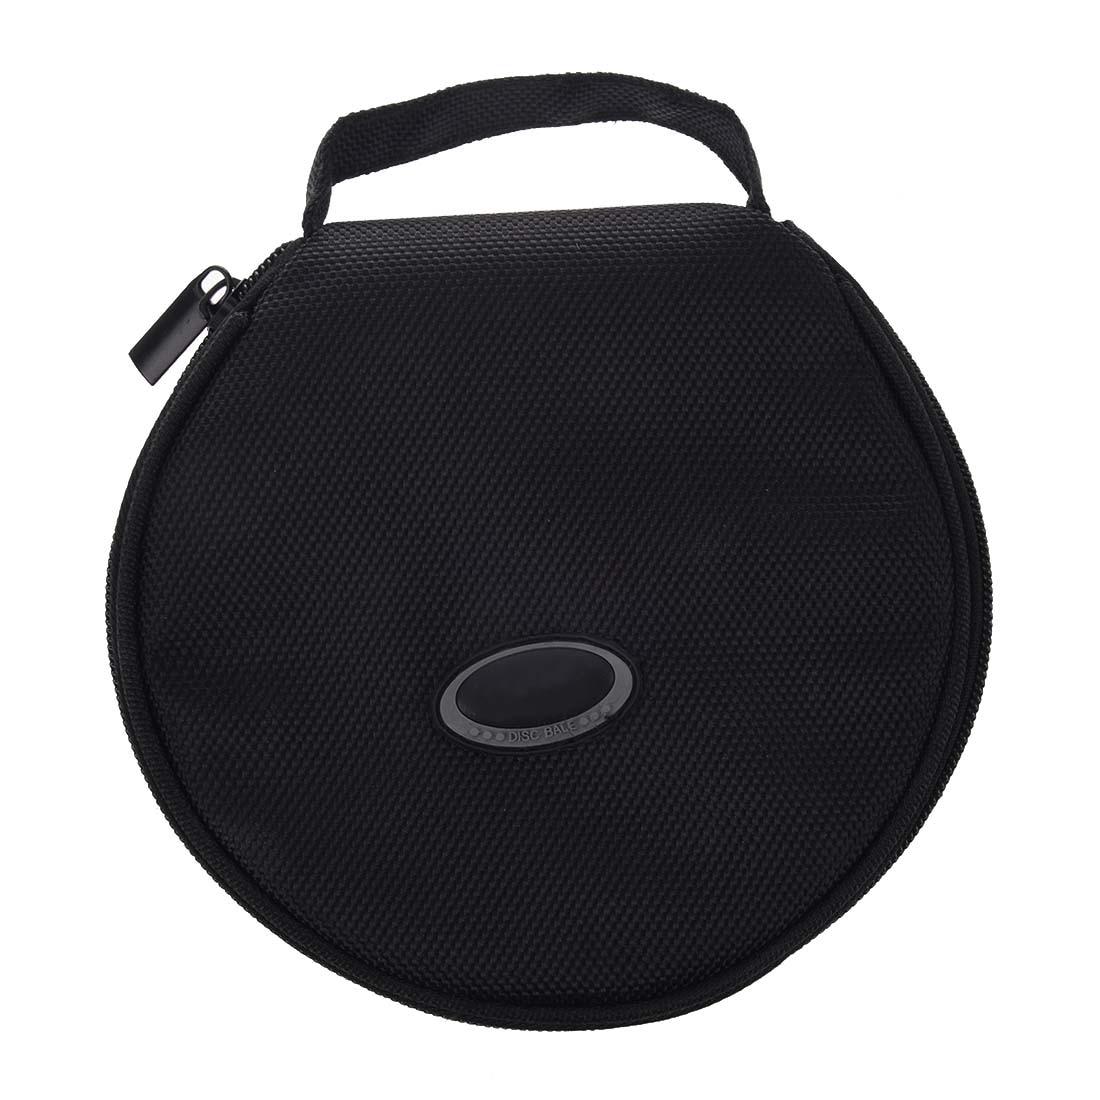 HFES New Home Car Zip up DVD CD Discs Holder Pocket Black Storage Bag